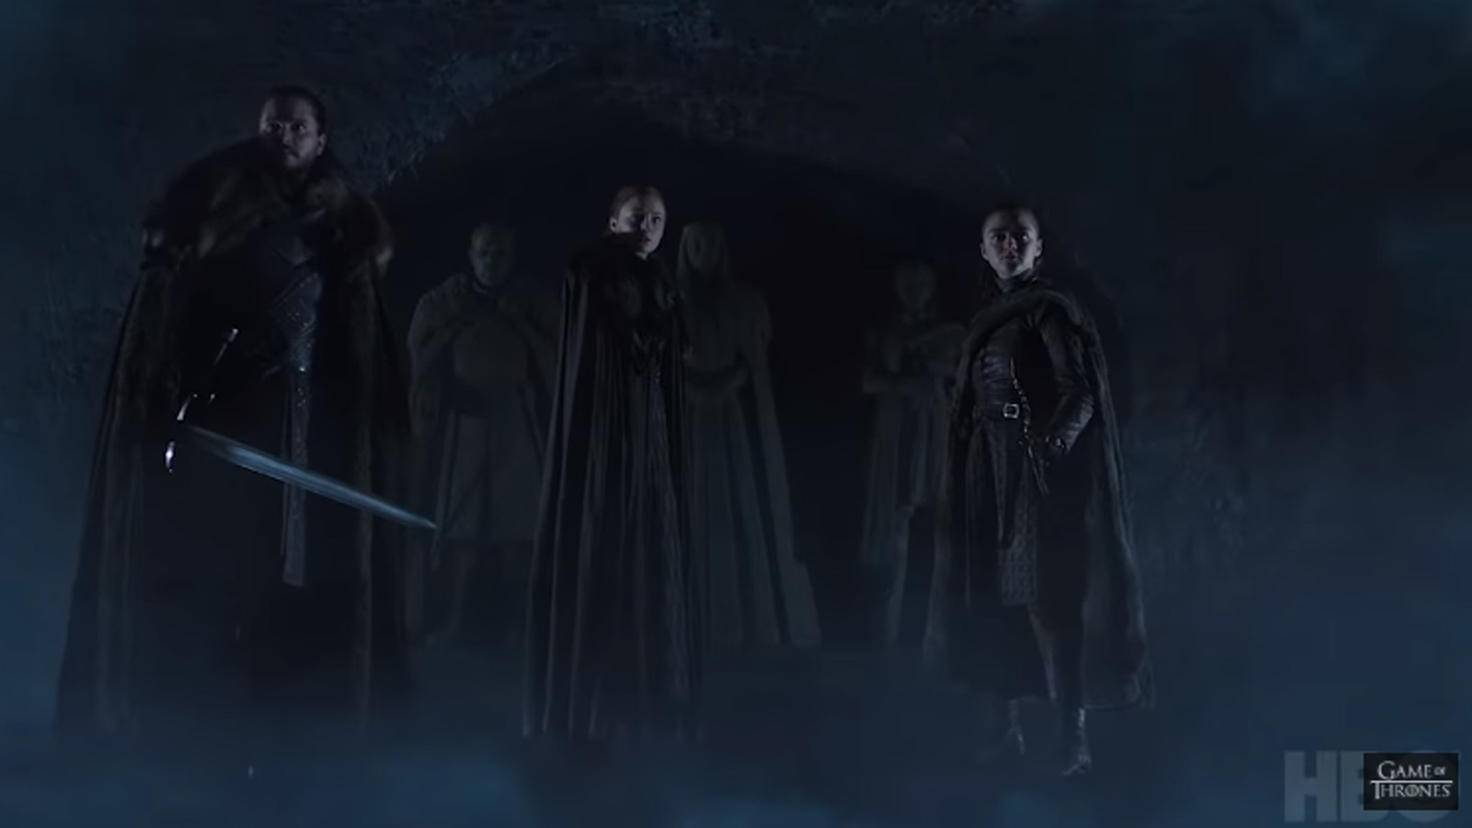 Jon, Sansa und Arya bereiten sich auf ein frostiges Treffen vor.